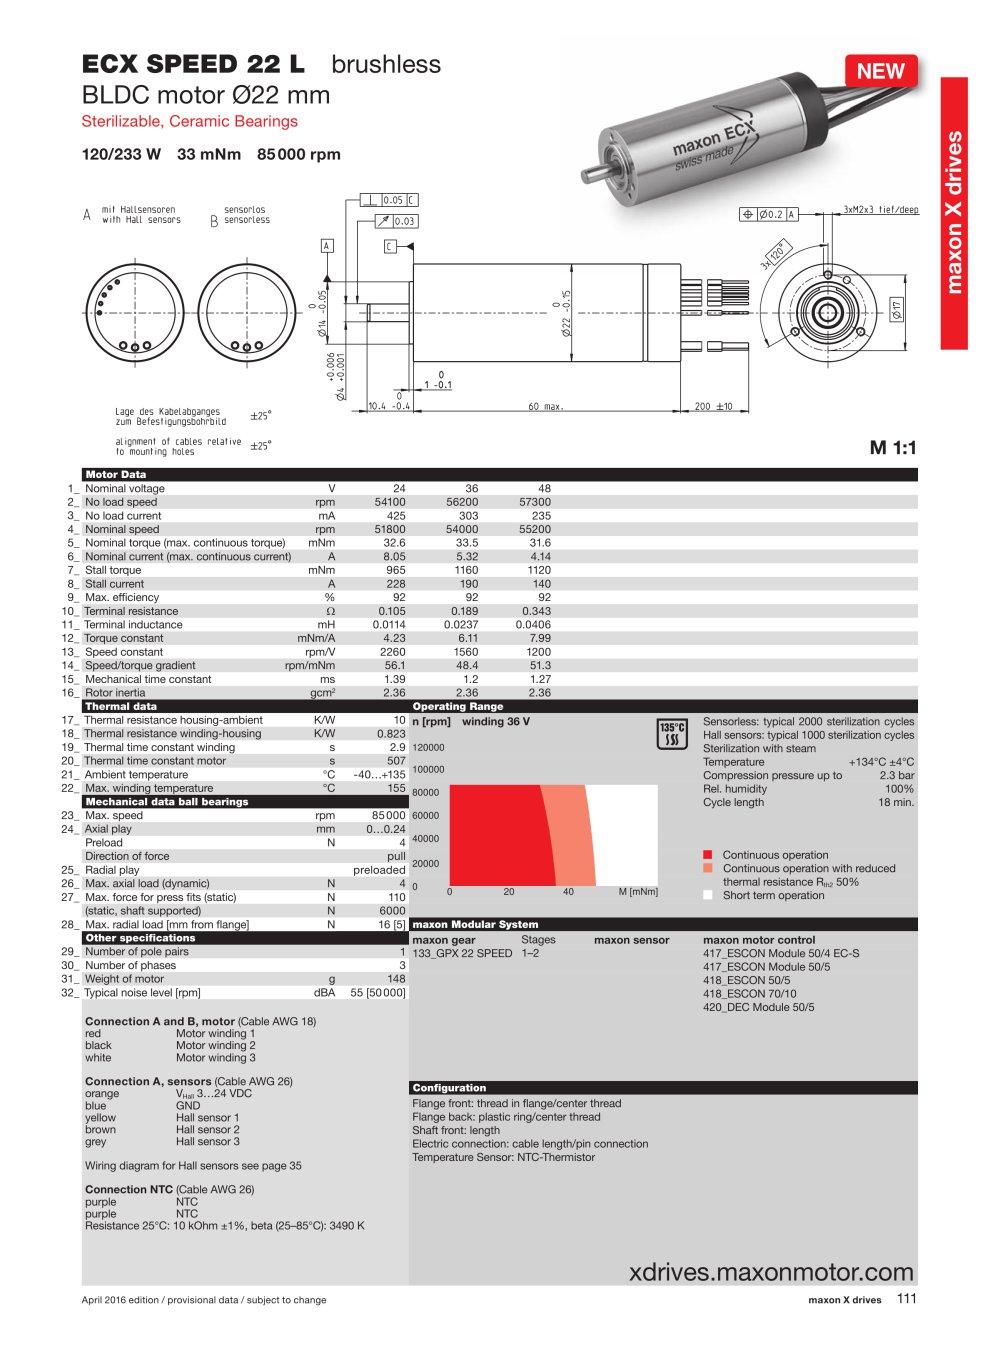 Maxon Valve Wiring Diagram Single Schematic Wiring Diagram For Wiring Diagram Schematics